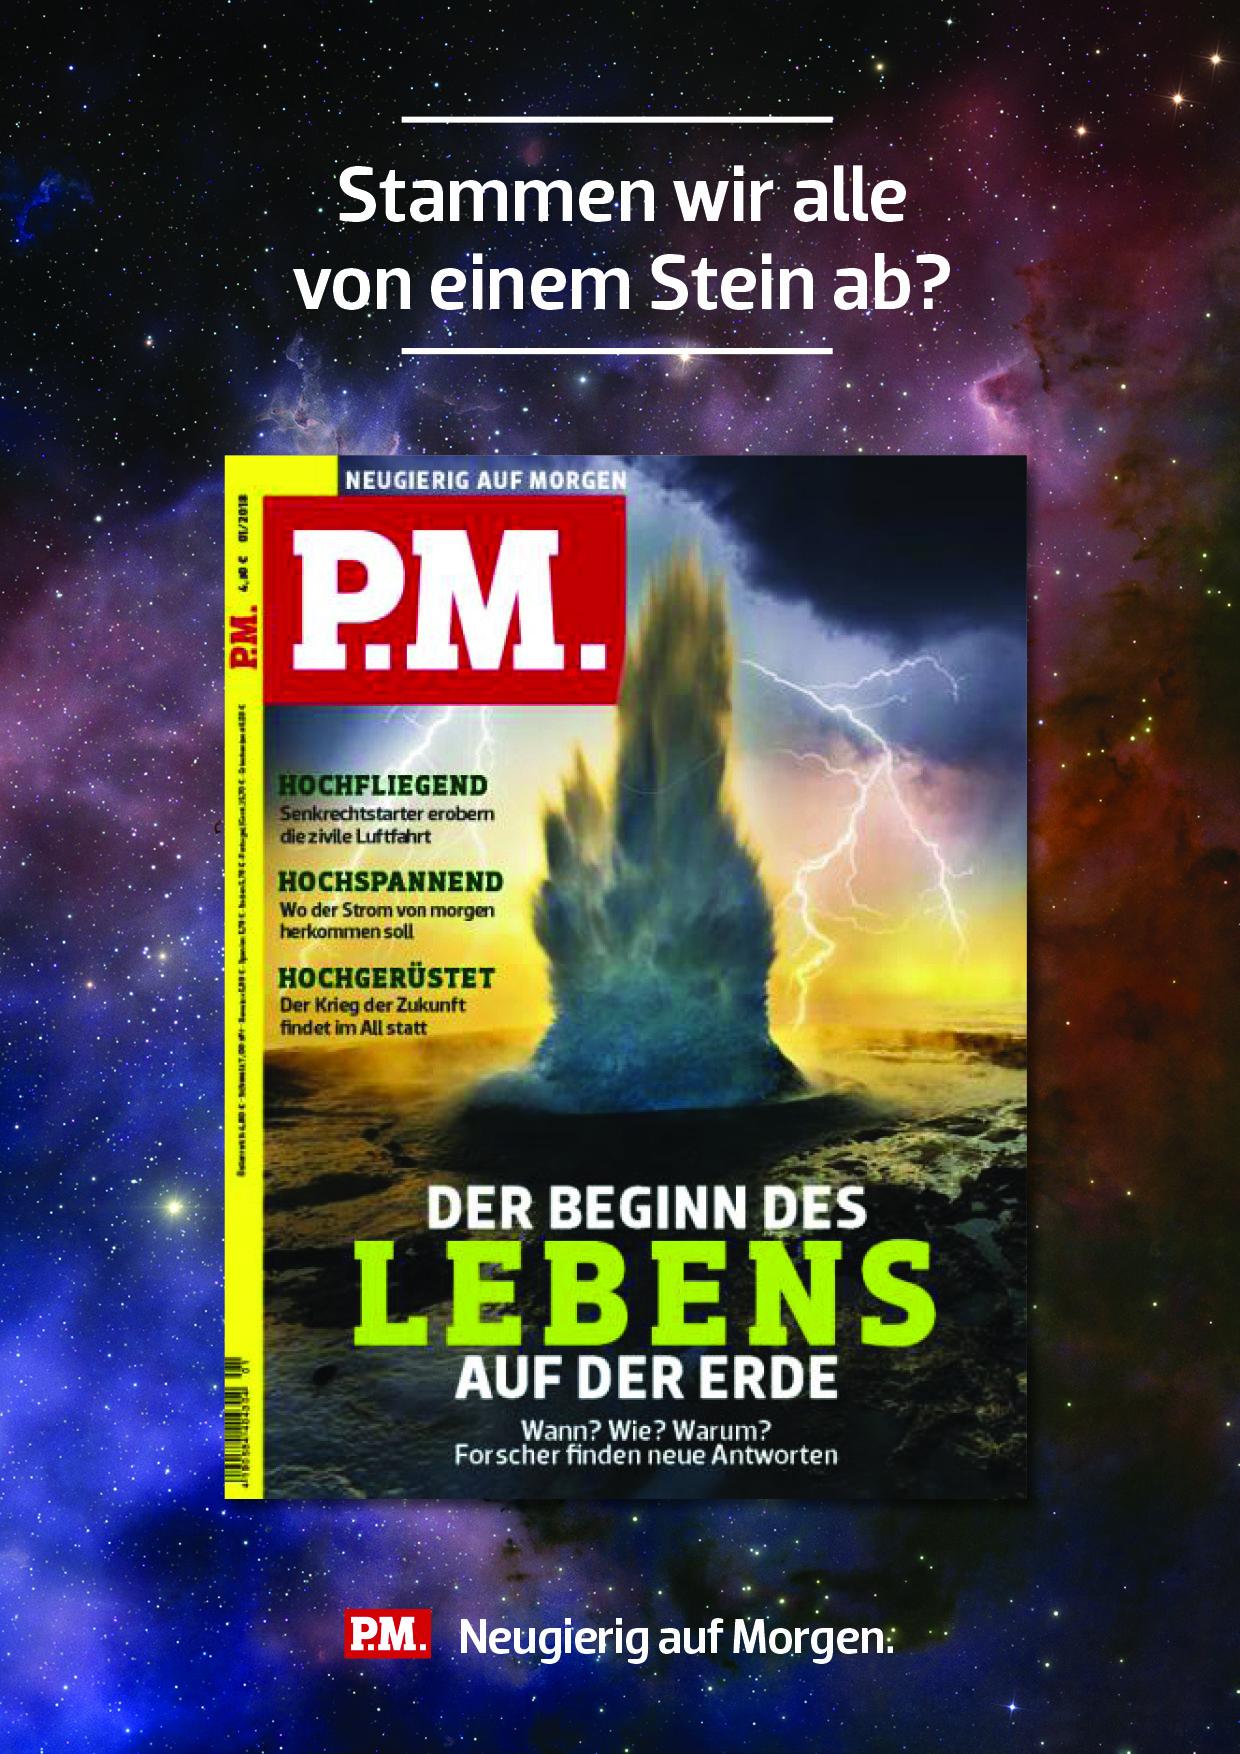 PM_ursprungdeslebens_171027_jb7.jpg